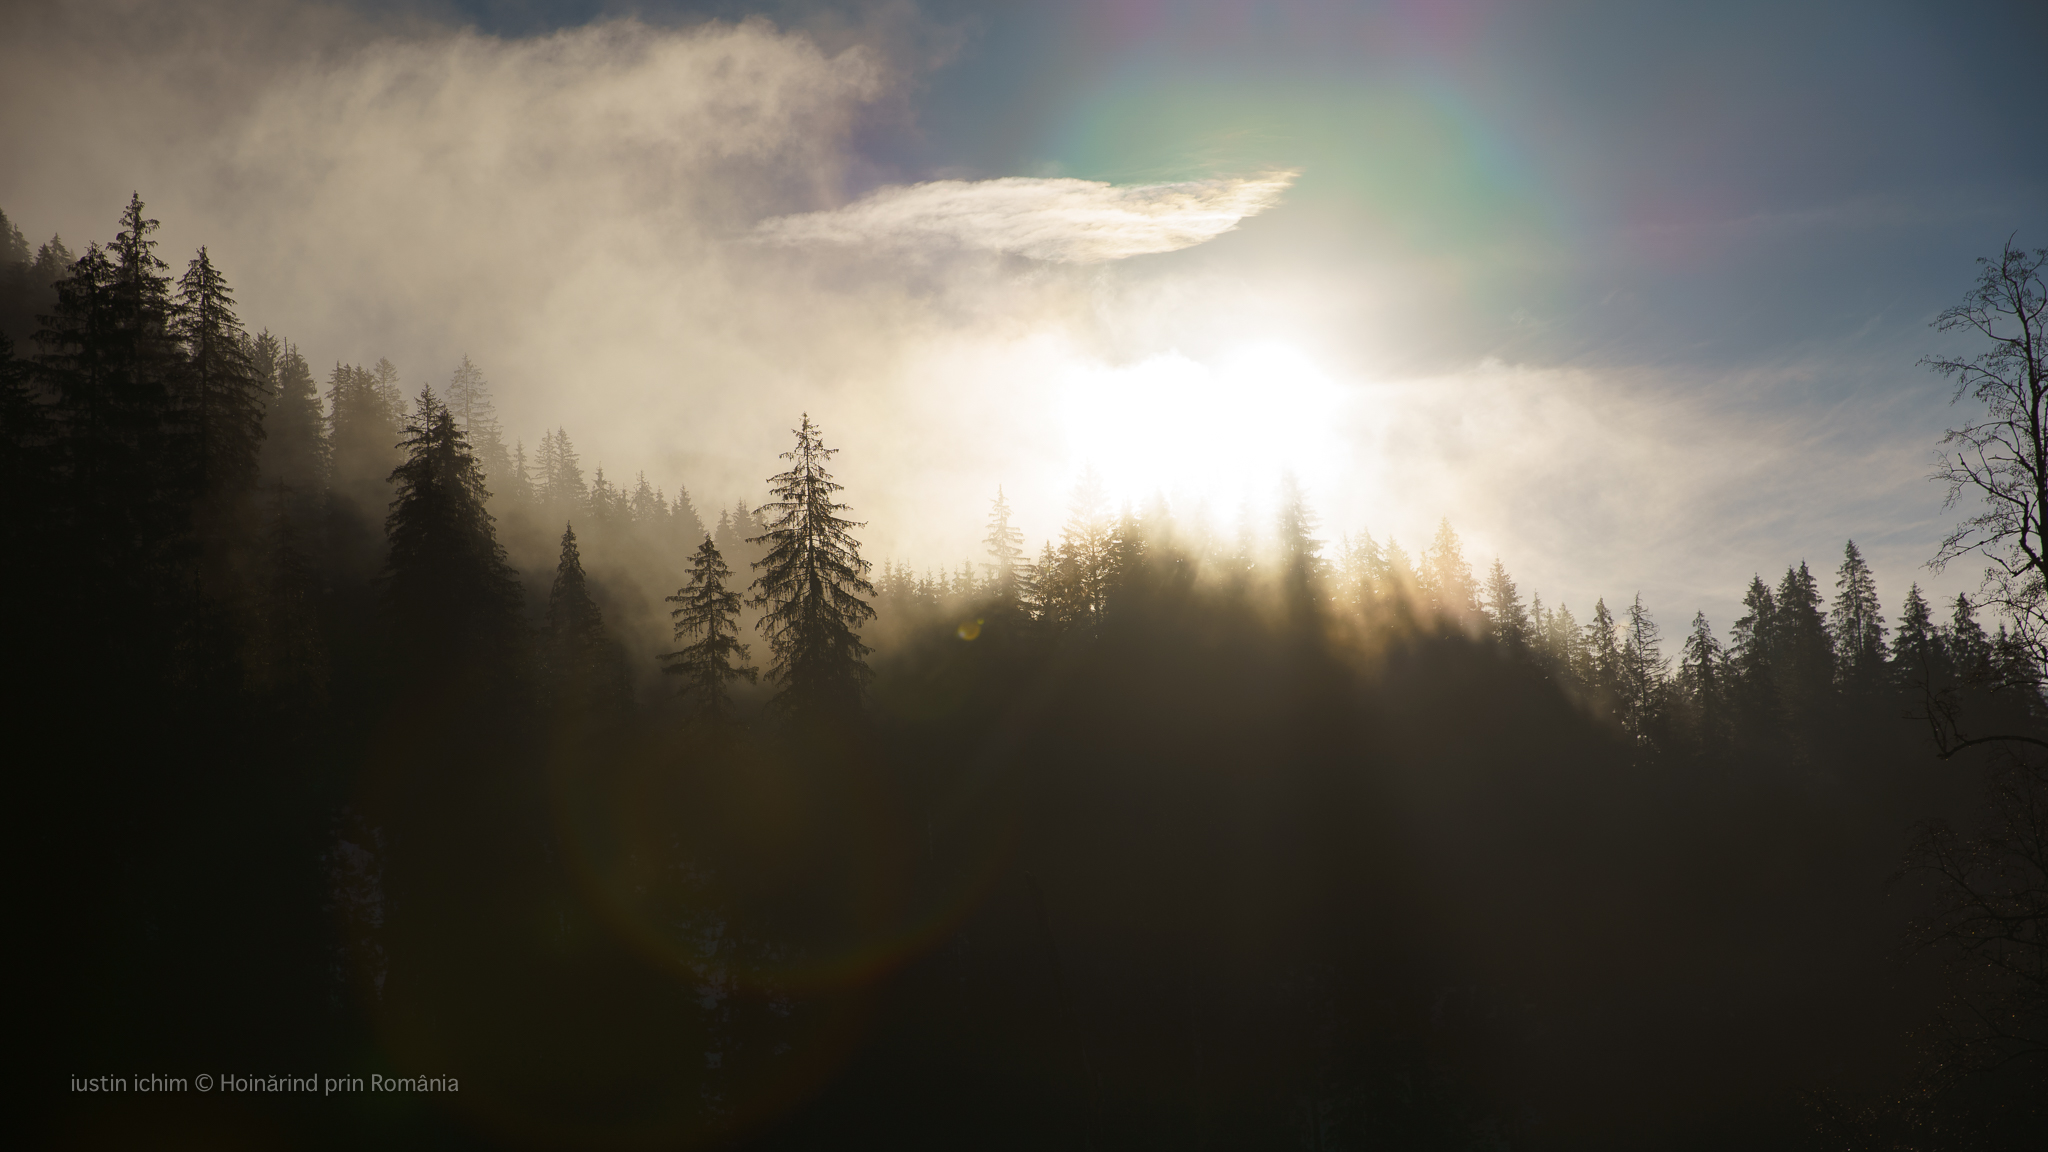 Peisaj feeric, printre raze de soare